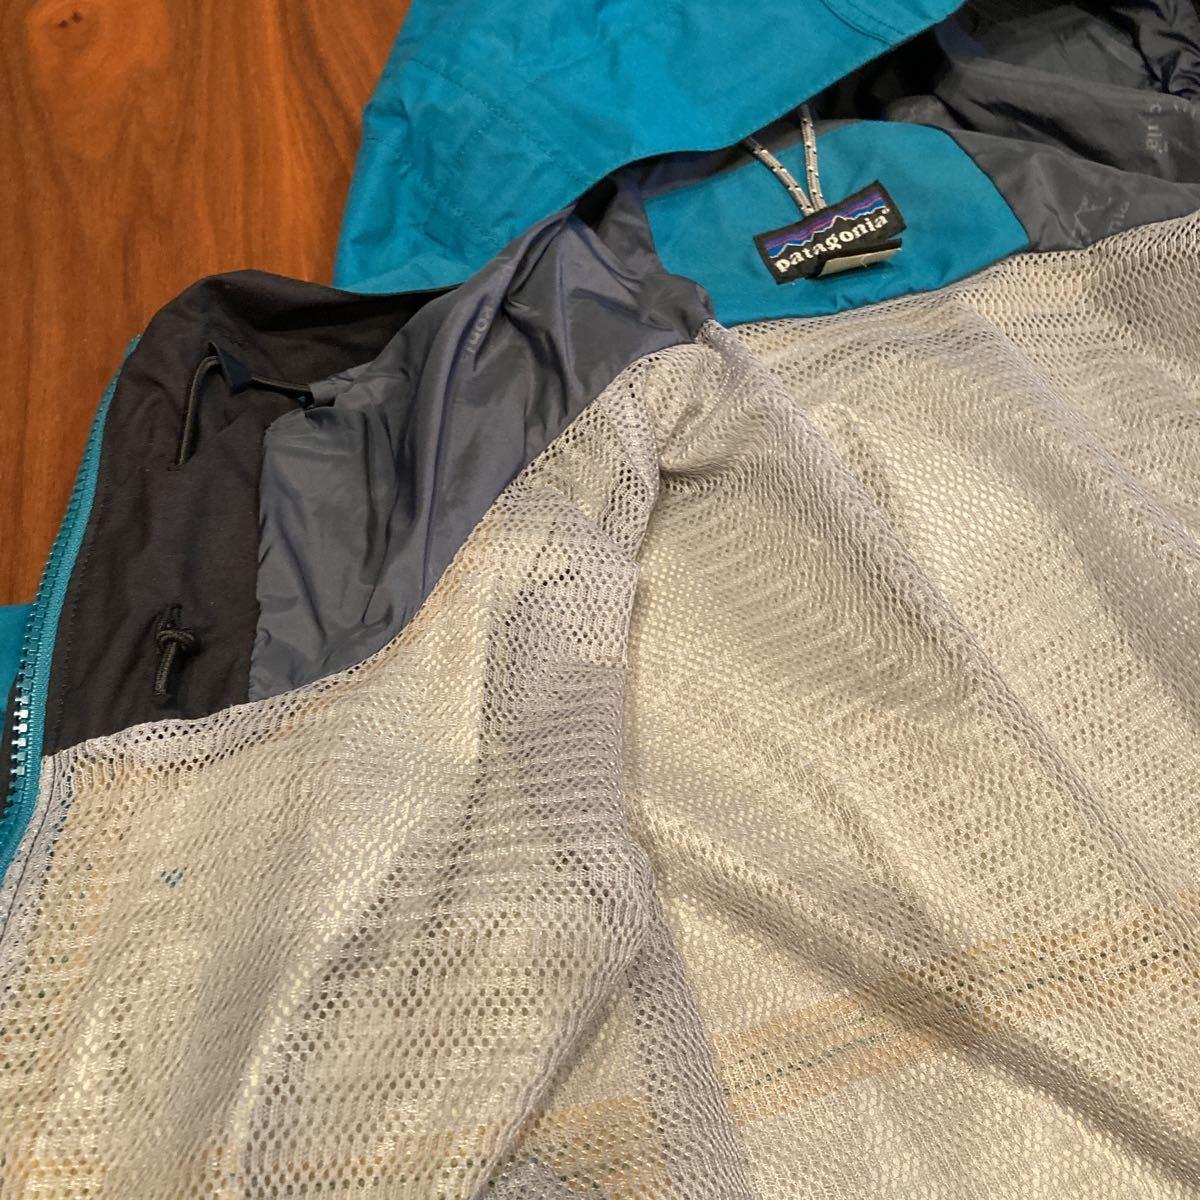 キレイ! patagonia 00年 ストームジャケット L エメラルドグリーン パタゴニア storm jacket マウンテンパーカー ナイロンジャケット_画像7